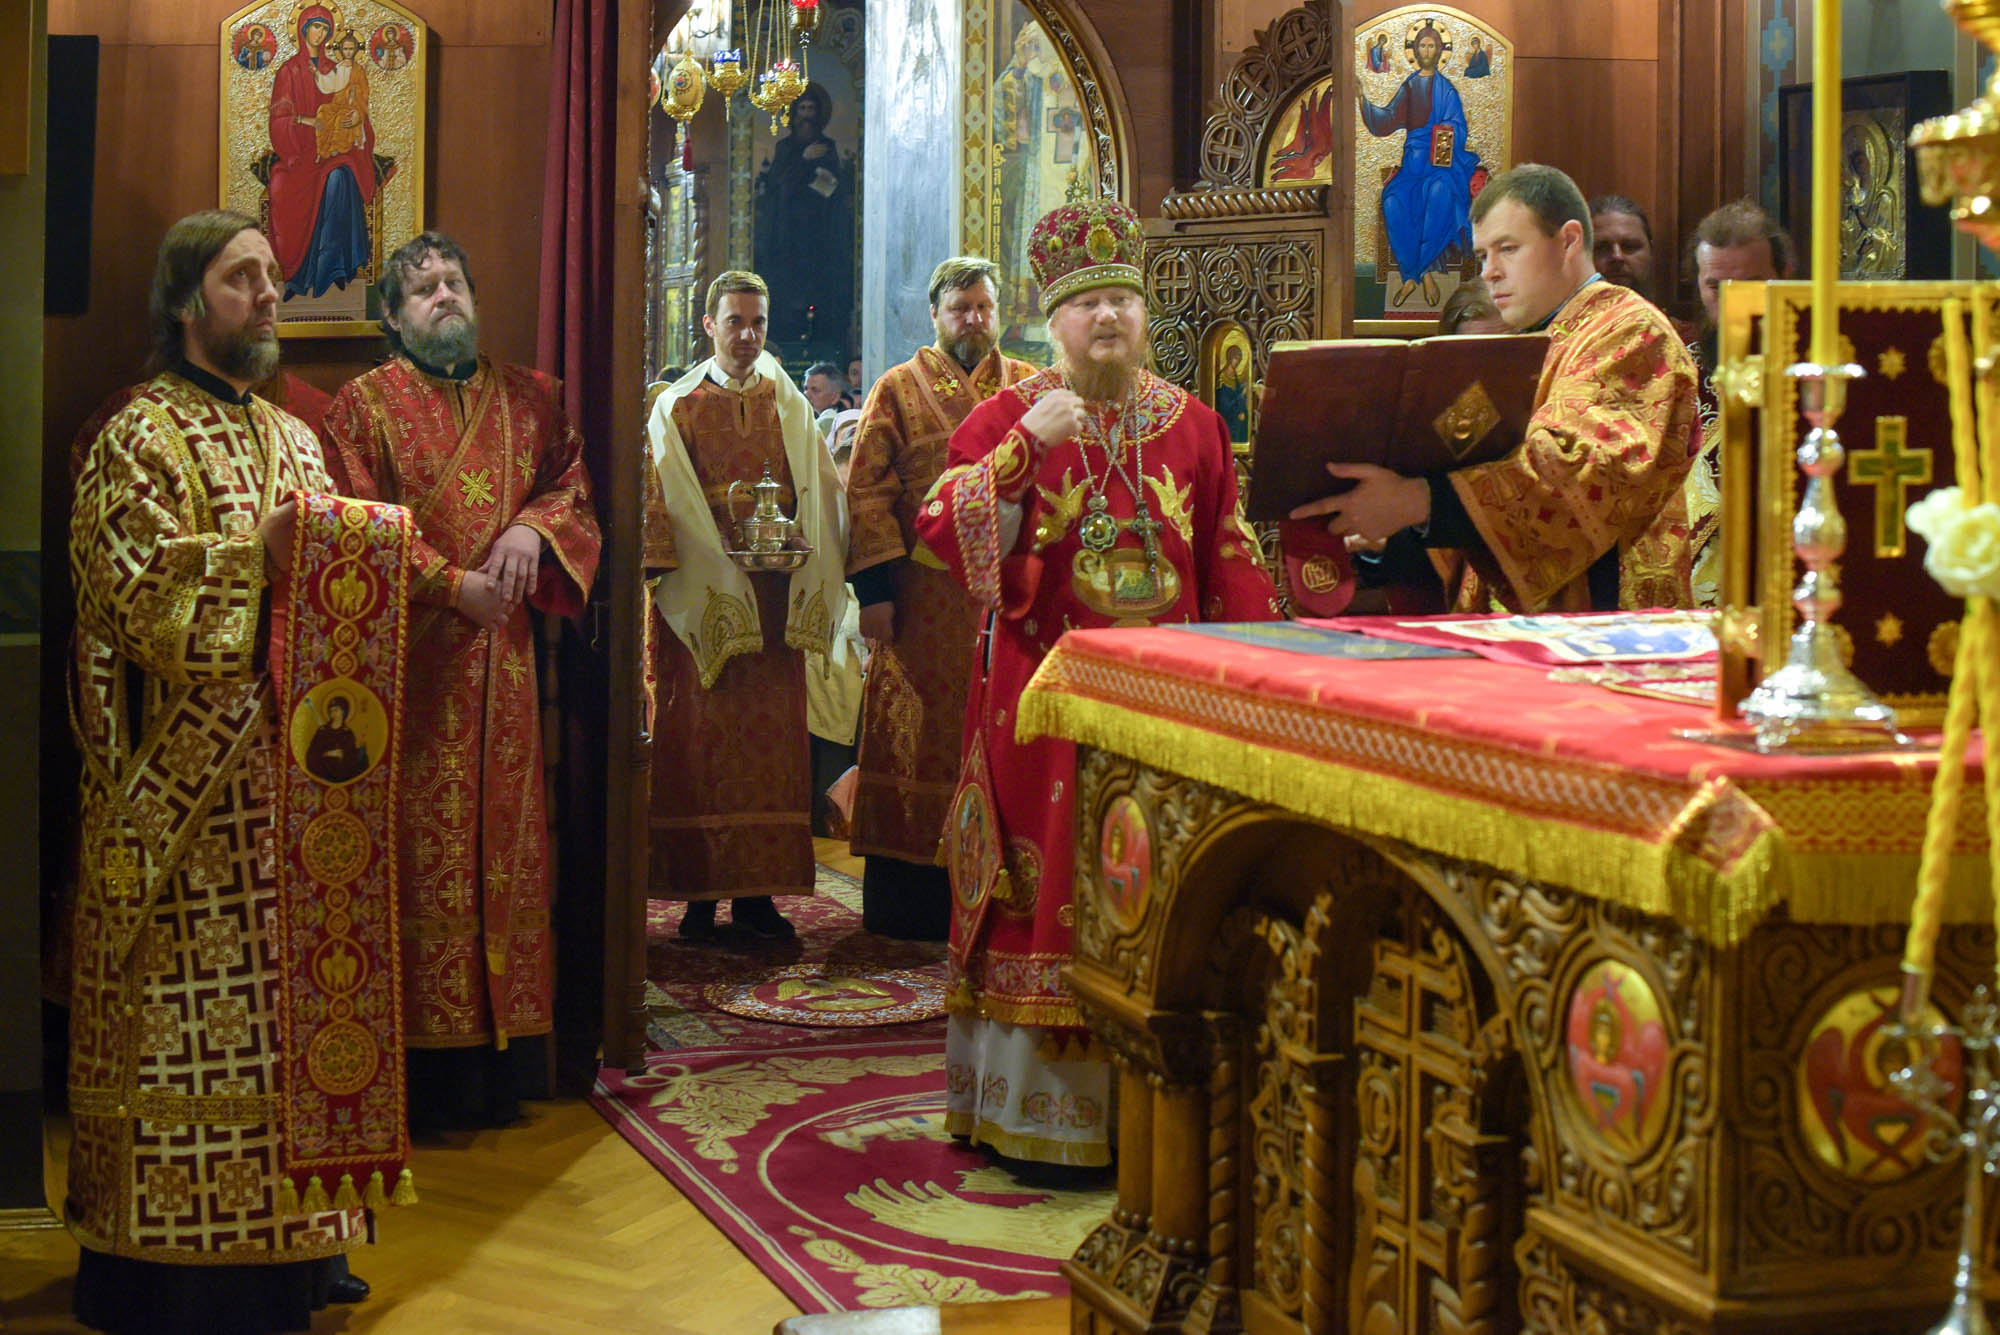 Orthodox photography Sergey Ryzhkov 9600